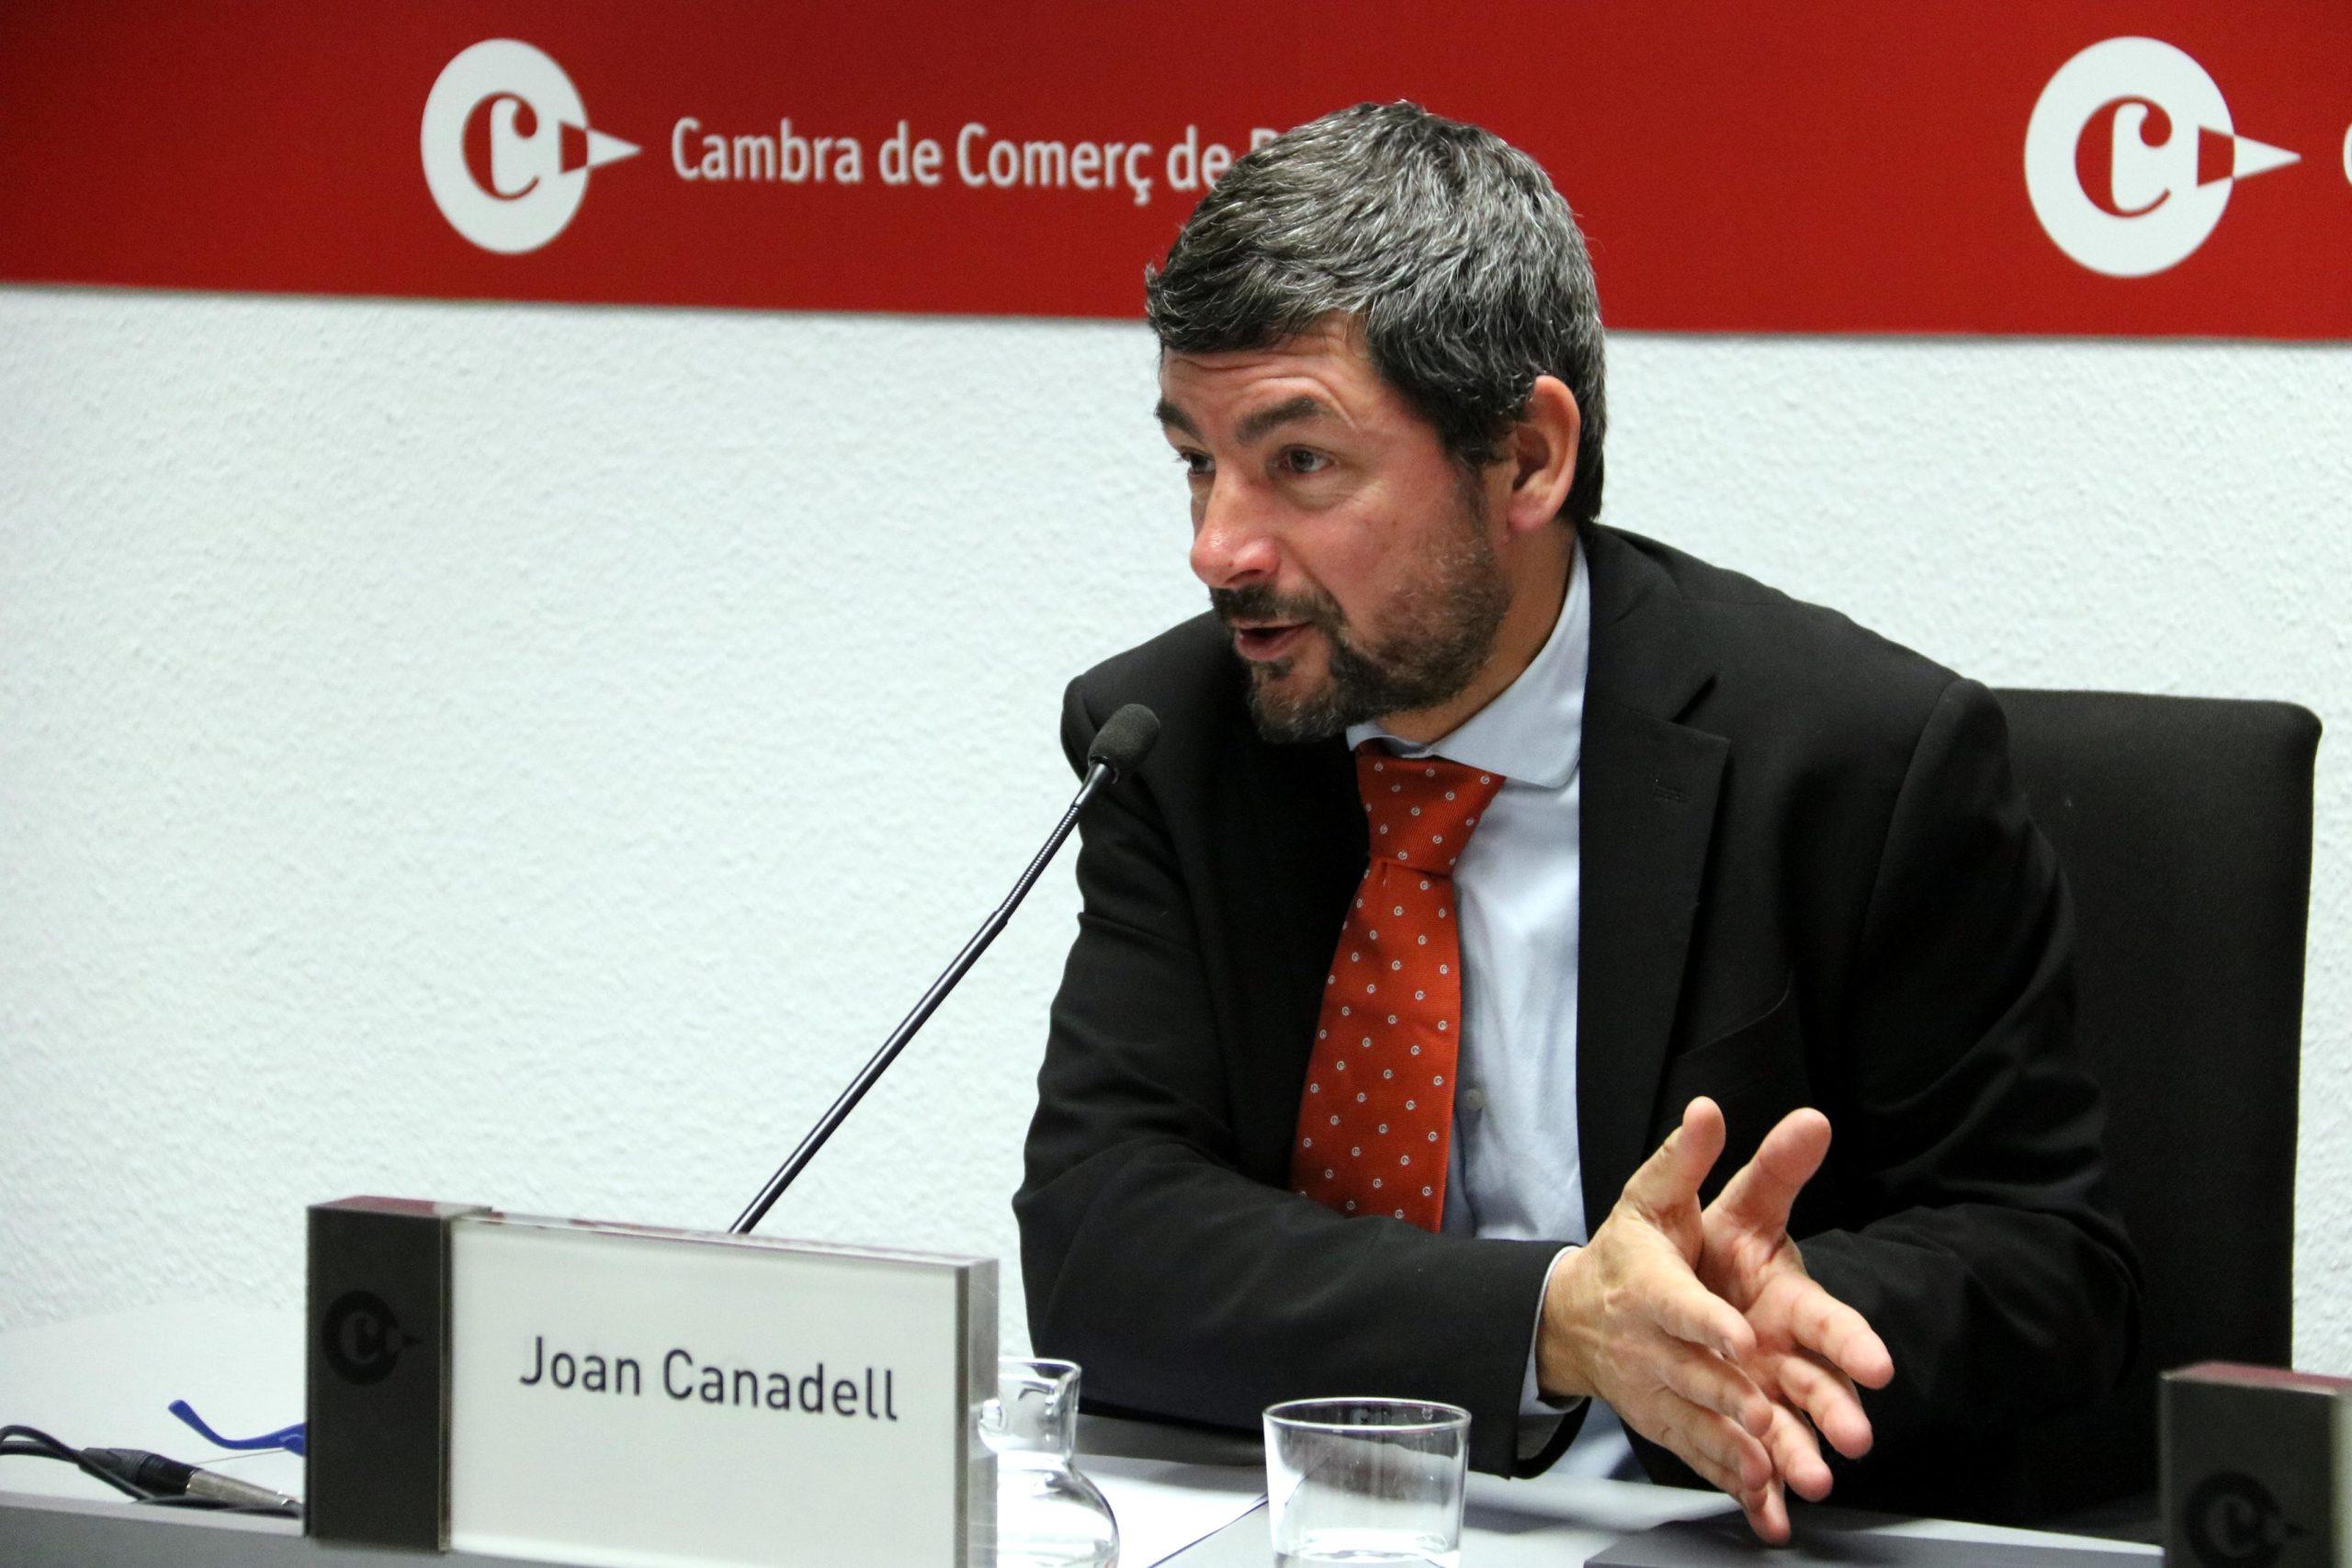 El president de la Cambra de Comerç, Joan Canadell, durant una roda de premsa / ACN